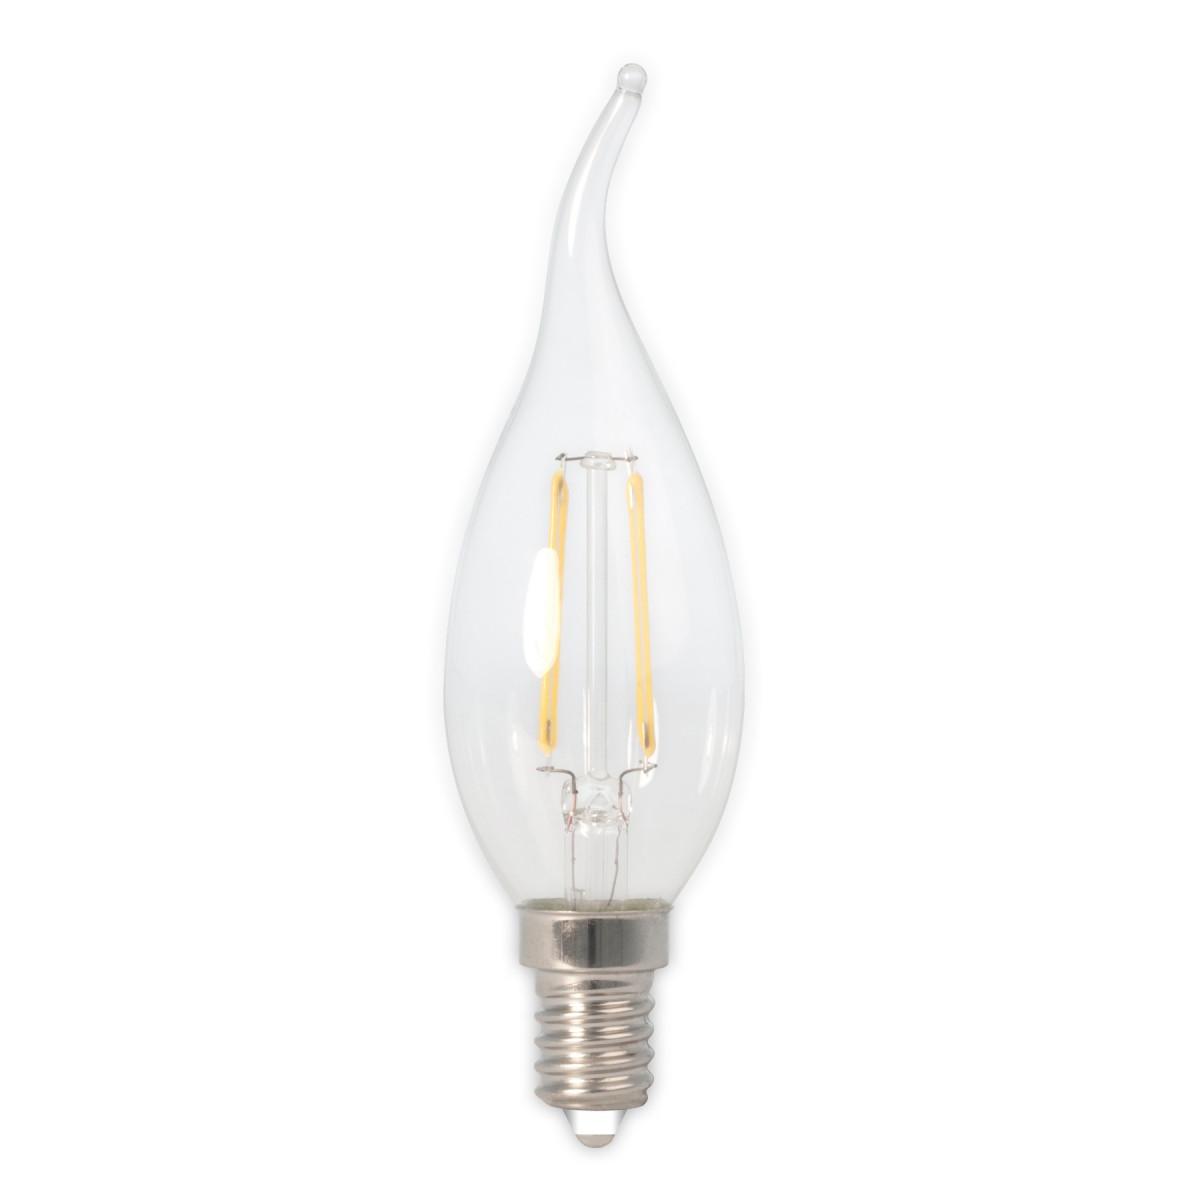 LED Tip Candle E14 lamp